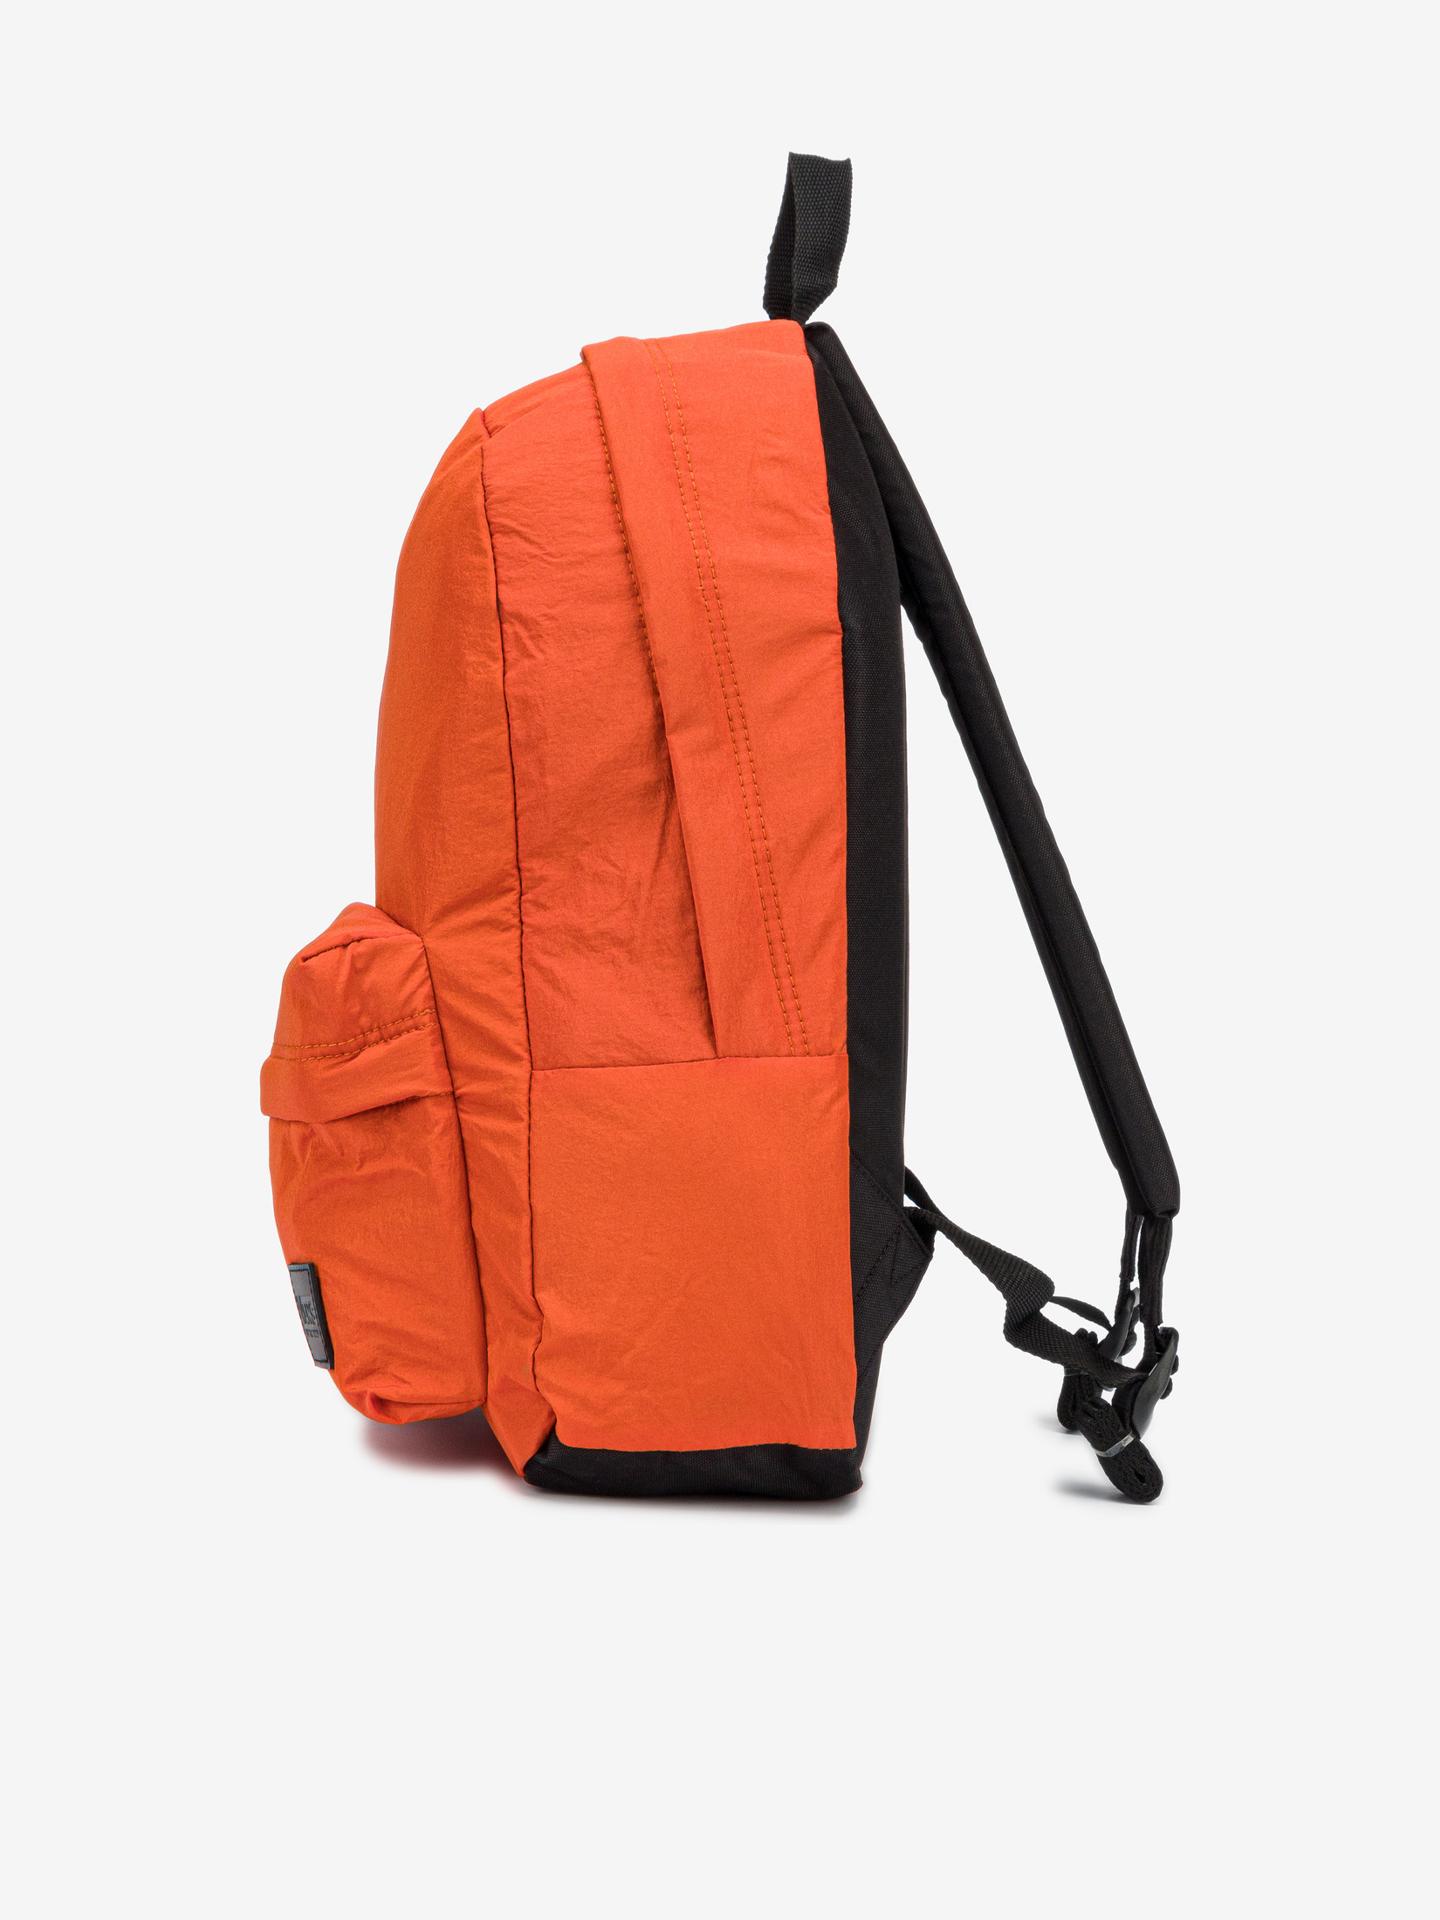 Vans orange backpack